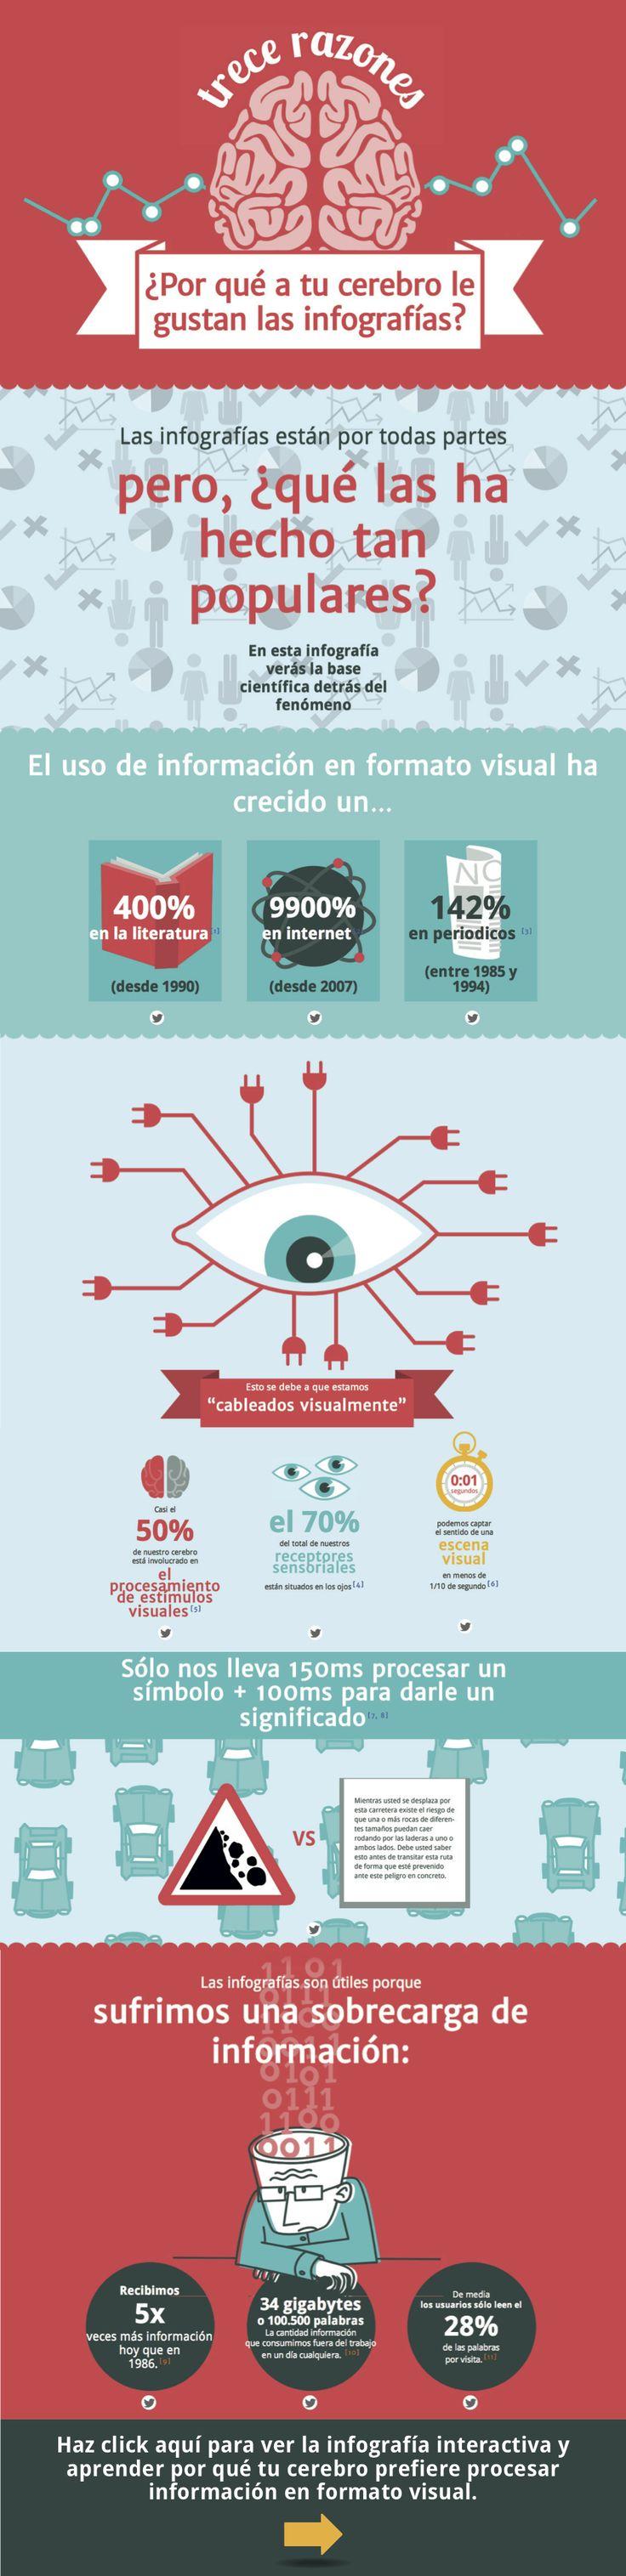 13 razones por las que a tu cerebro le gustan las infografías [Infographic